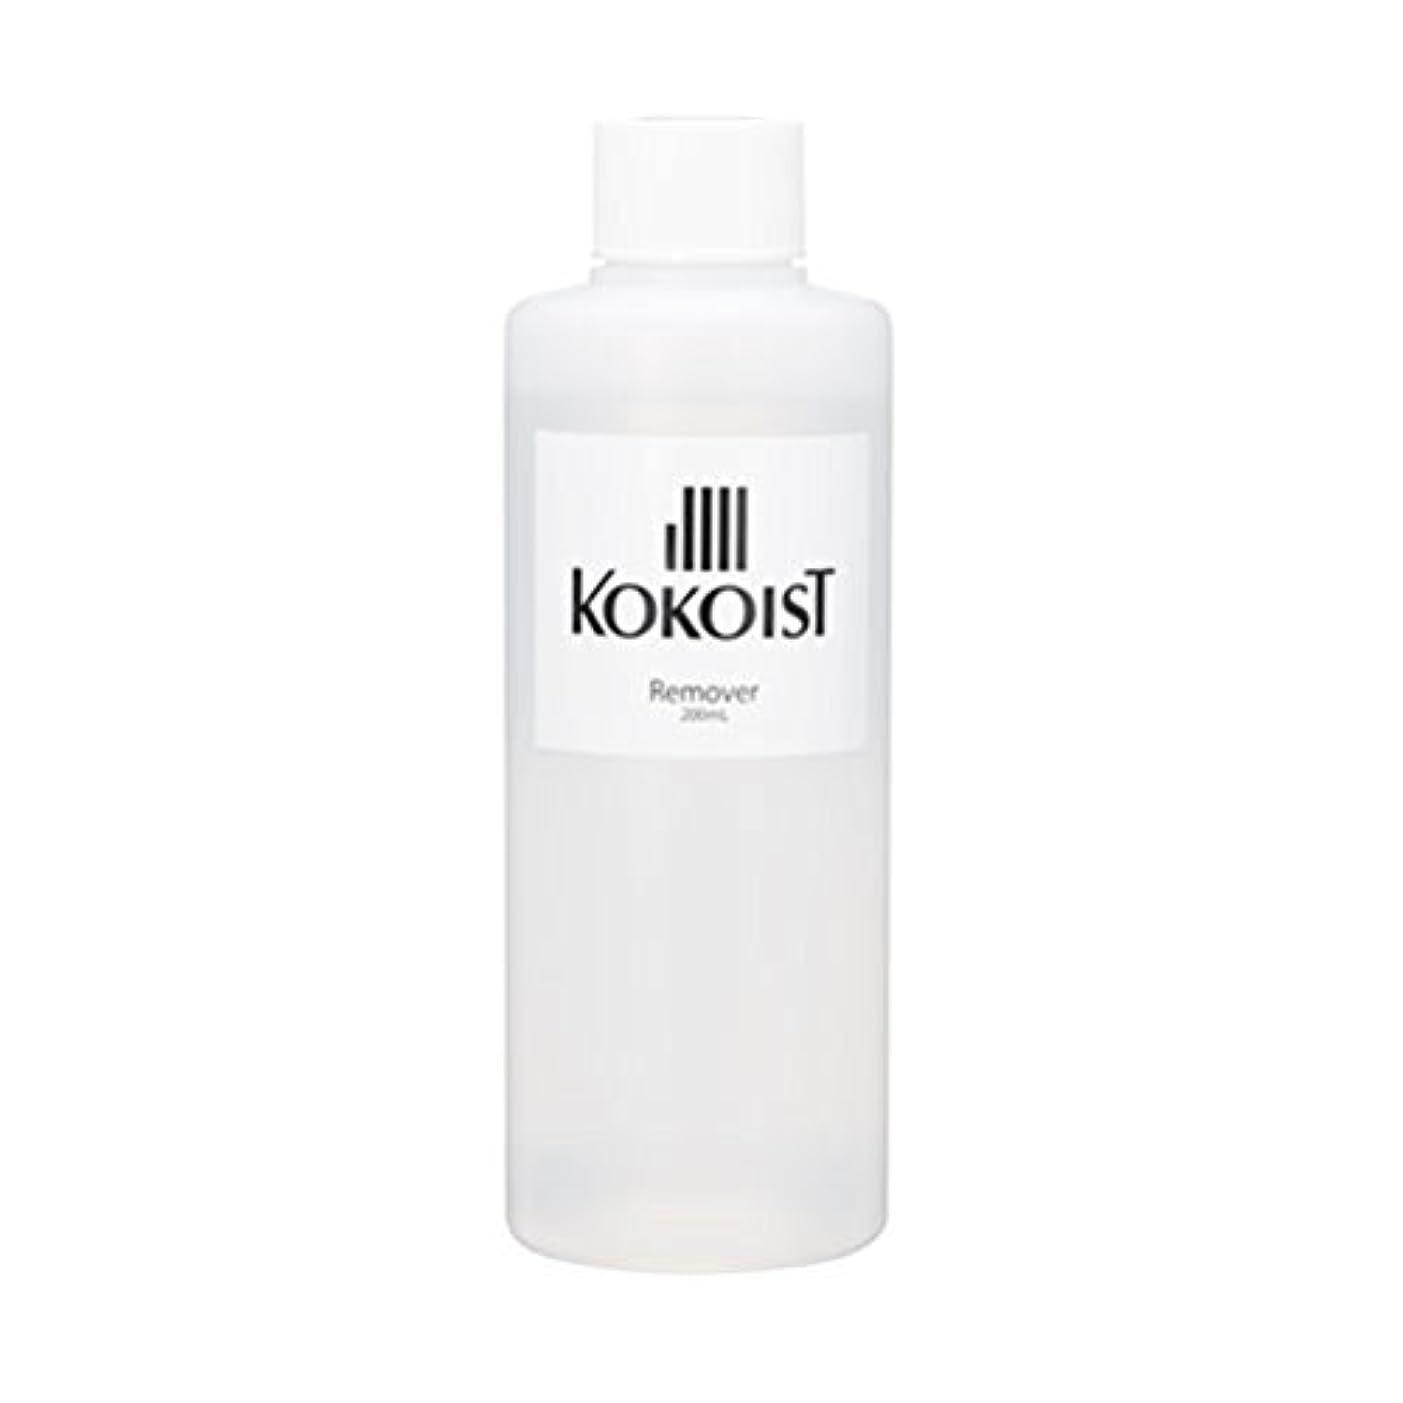 人道的温帯支援するKOKOIST(ココイスト) リムーバー 200ml